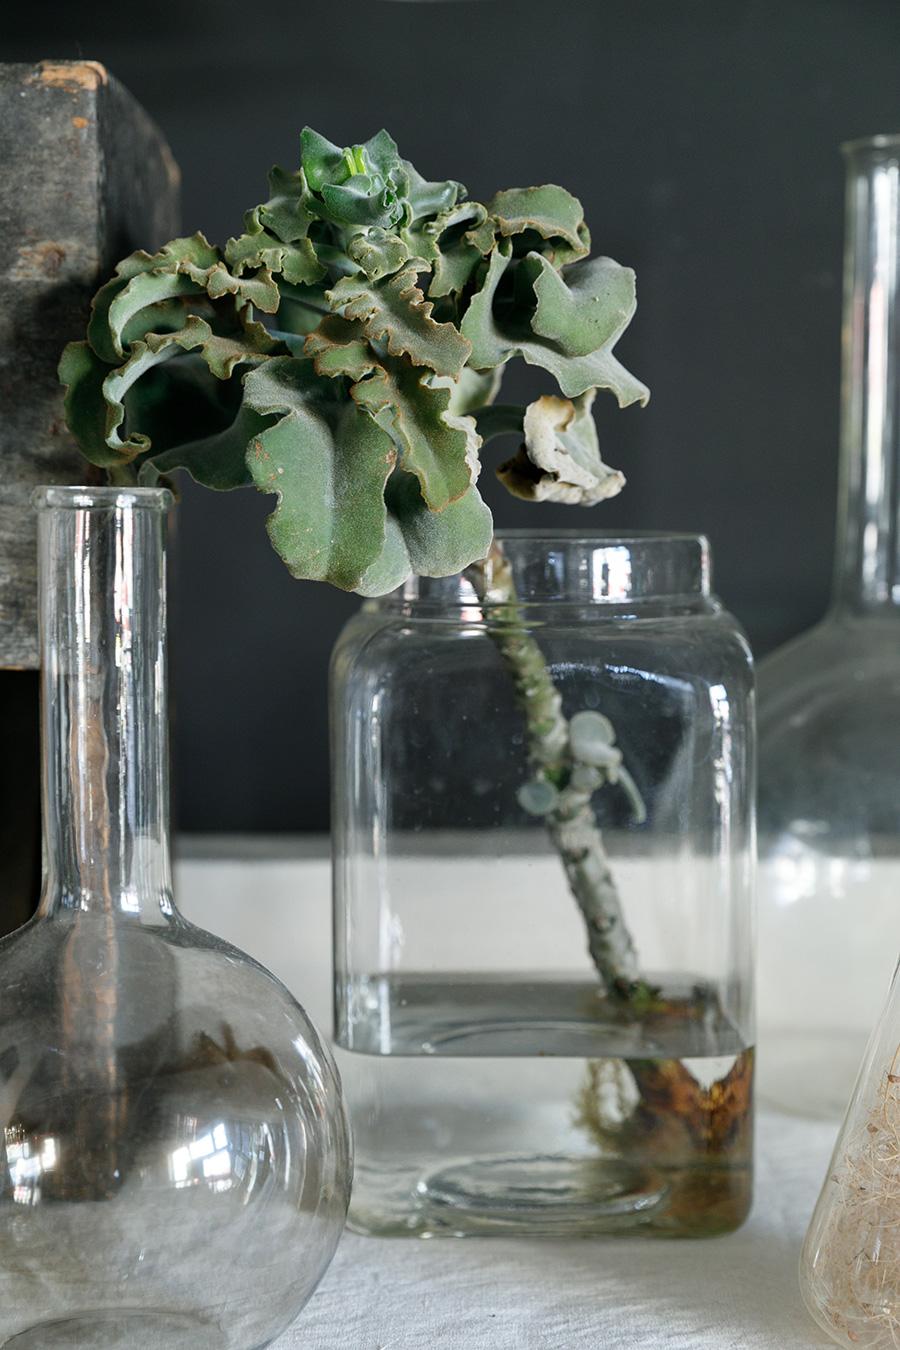 葉が縮れている種類のカランコエ・ベハレンシスが元気よく成長中。新芽が茎からも出ている。